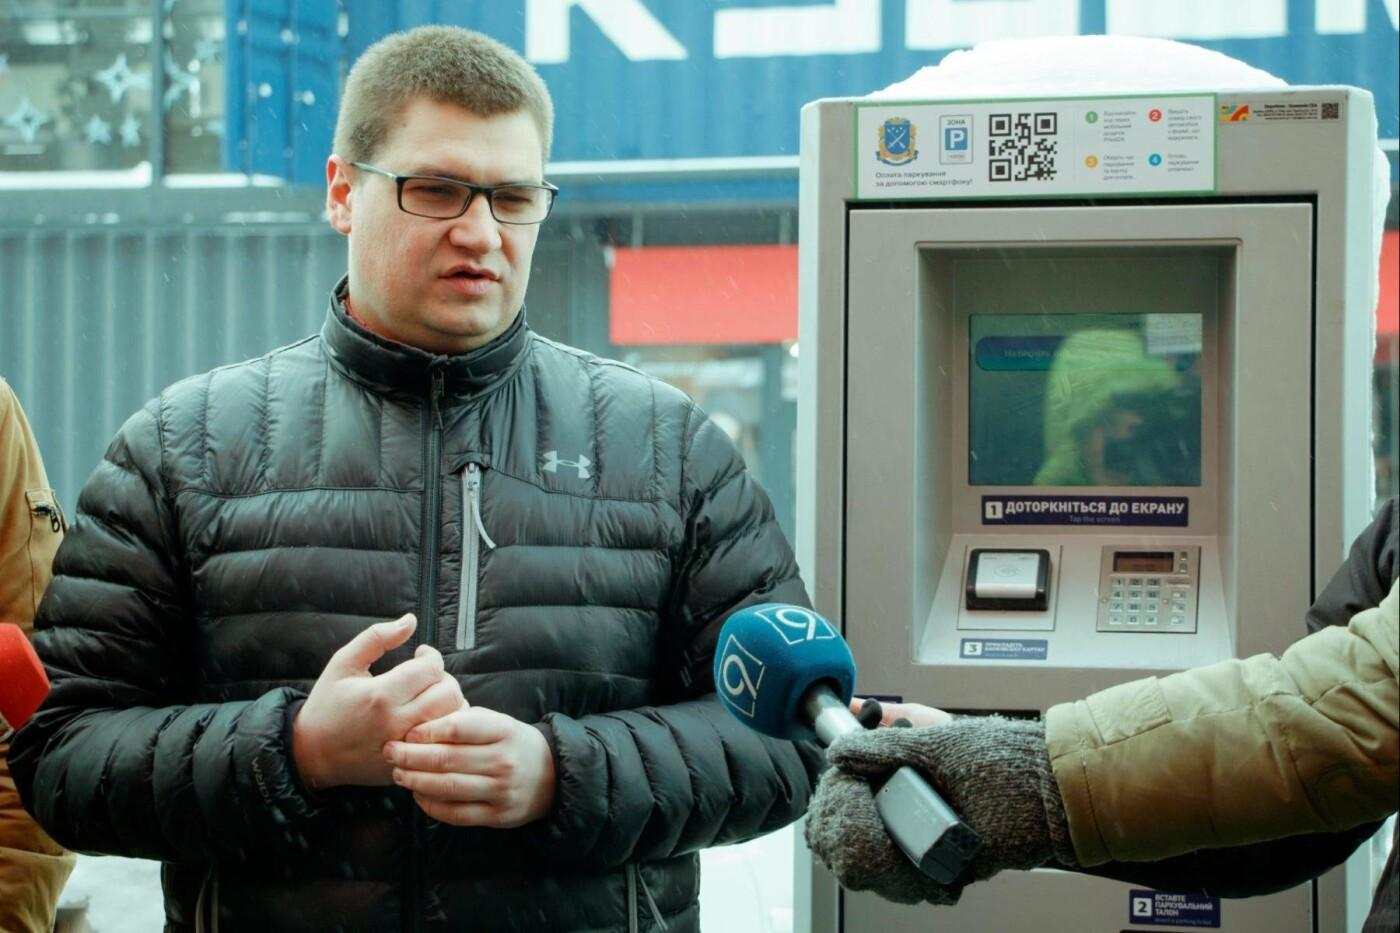 В Днепре запустили сервис оплаты за парковку с помощью мобильного приложения (ФОТО), фото-4